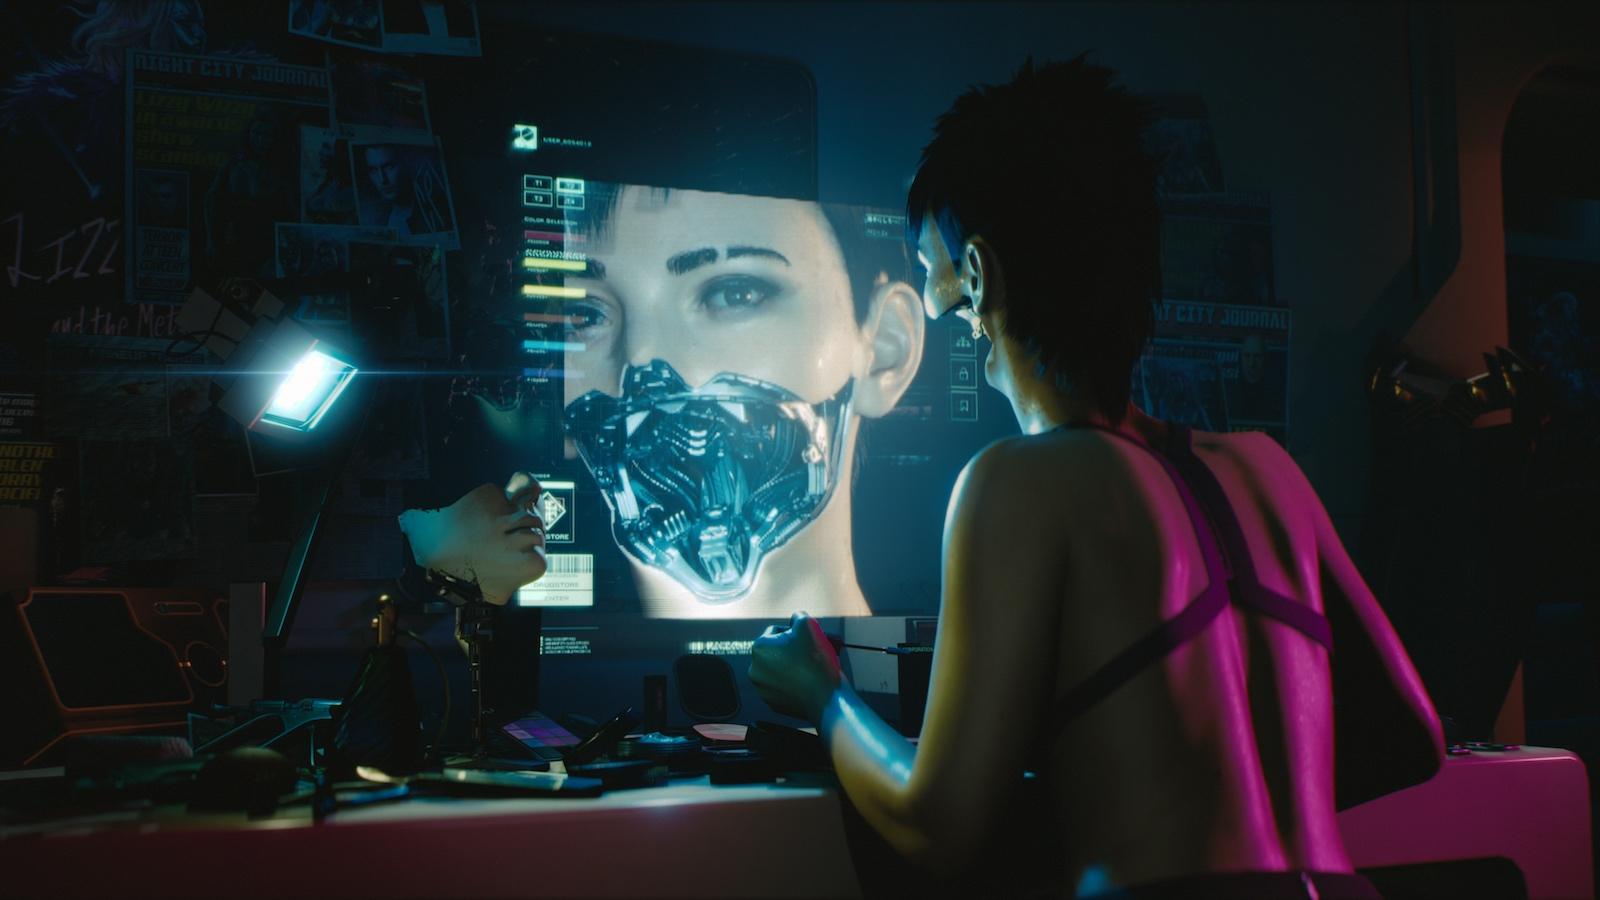 Cyberpunk 2077, impressioni dalla demo dell'E3 2018 - Anteprima - 4E44791B E933 4E1C 91E0 EE38EF581208